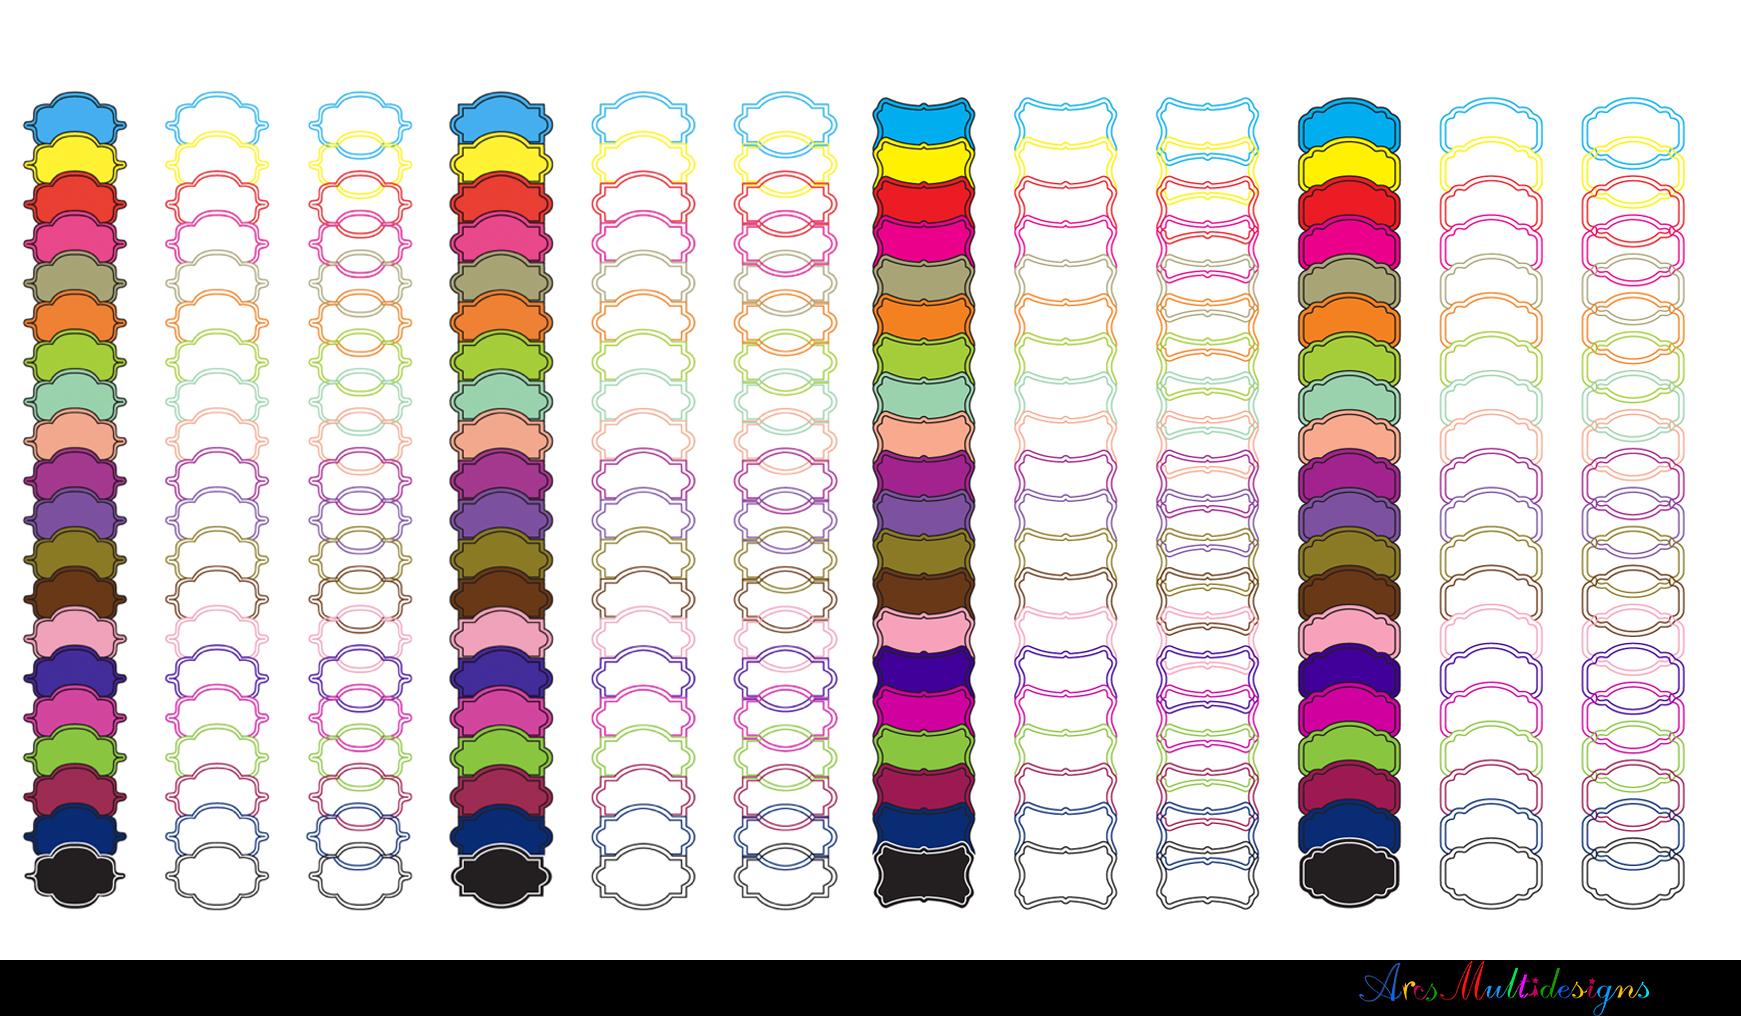 Label clipart bundle / digital label clipart bundle / frames bundle / high quality frames / digital frames clip art / label clipart example image 3